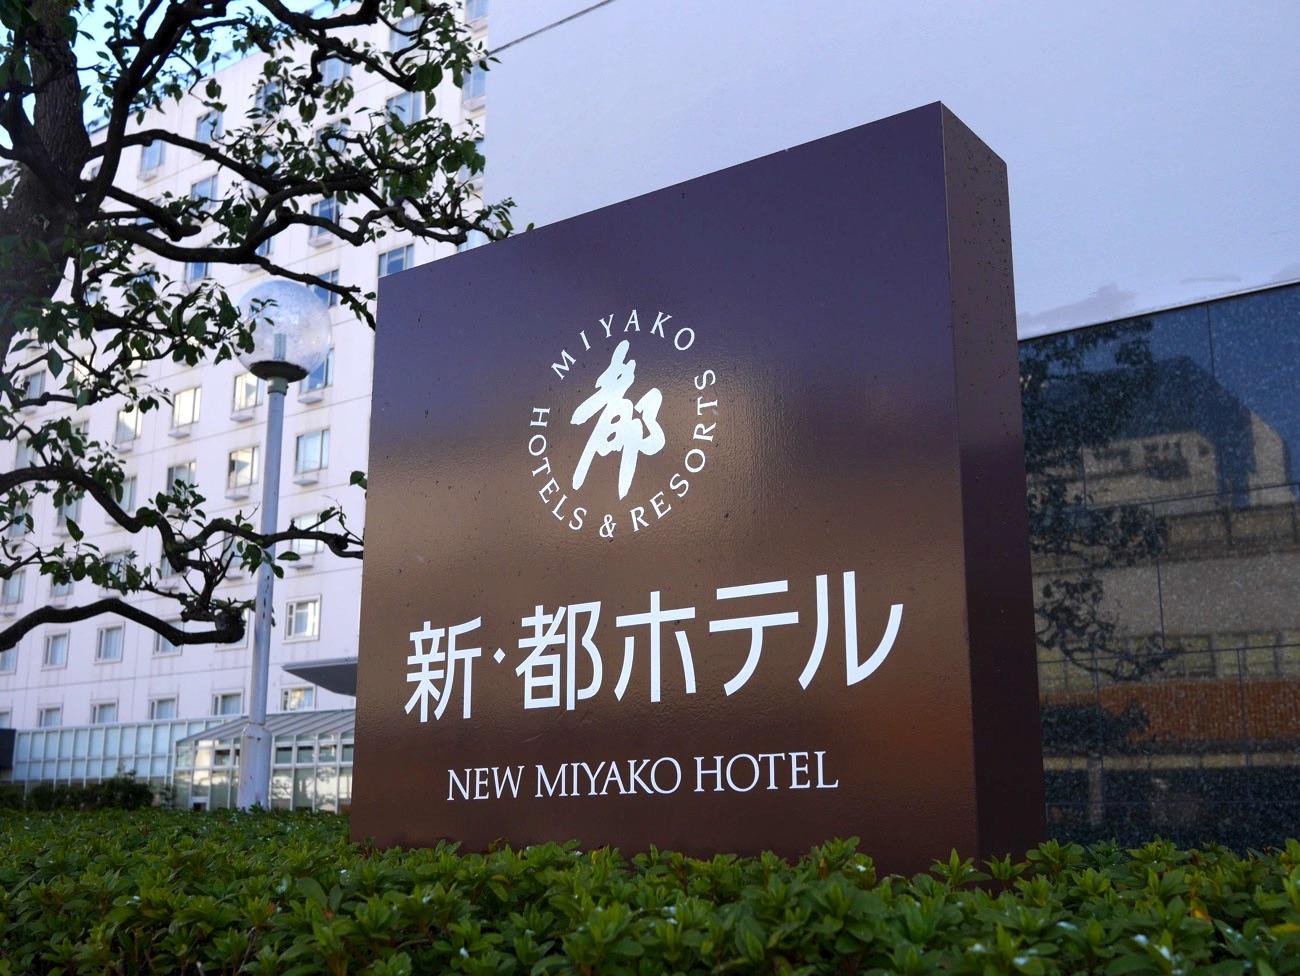 京都駅前にある新・都ホテル